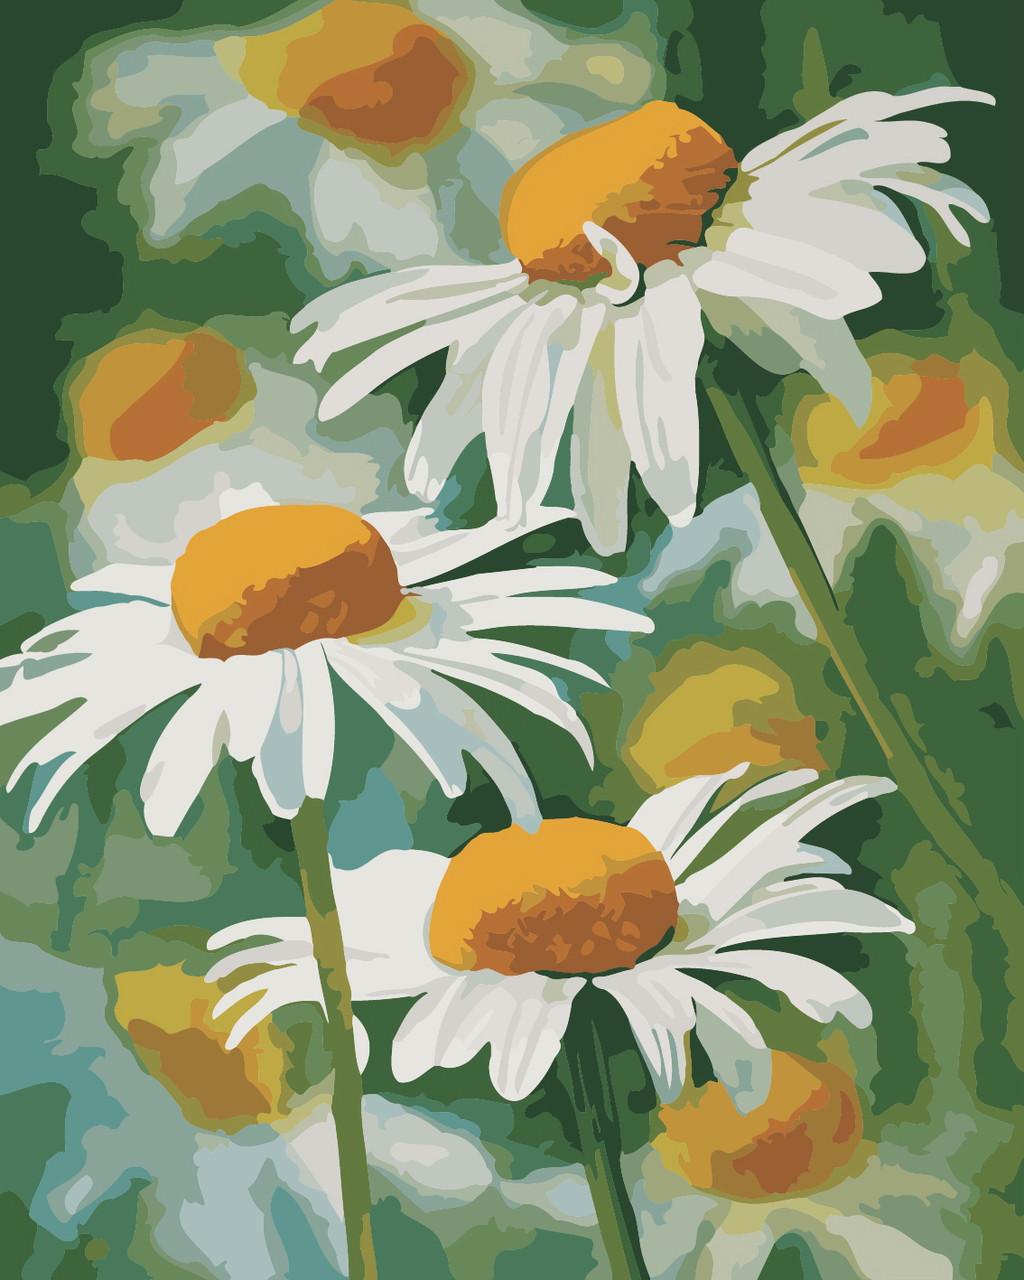 Художественный творческий набор, картина по номерам Нежные ромашки, 40x50 см, «Art Story» (AS0341)